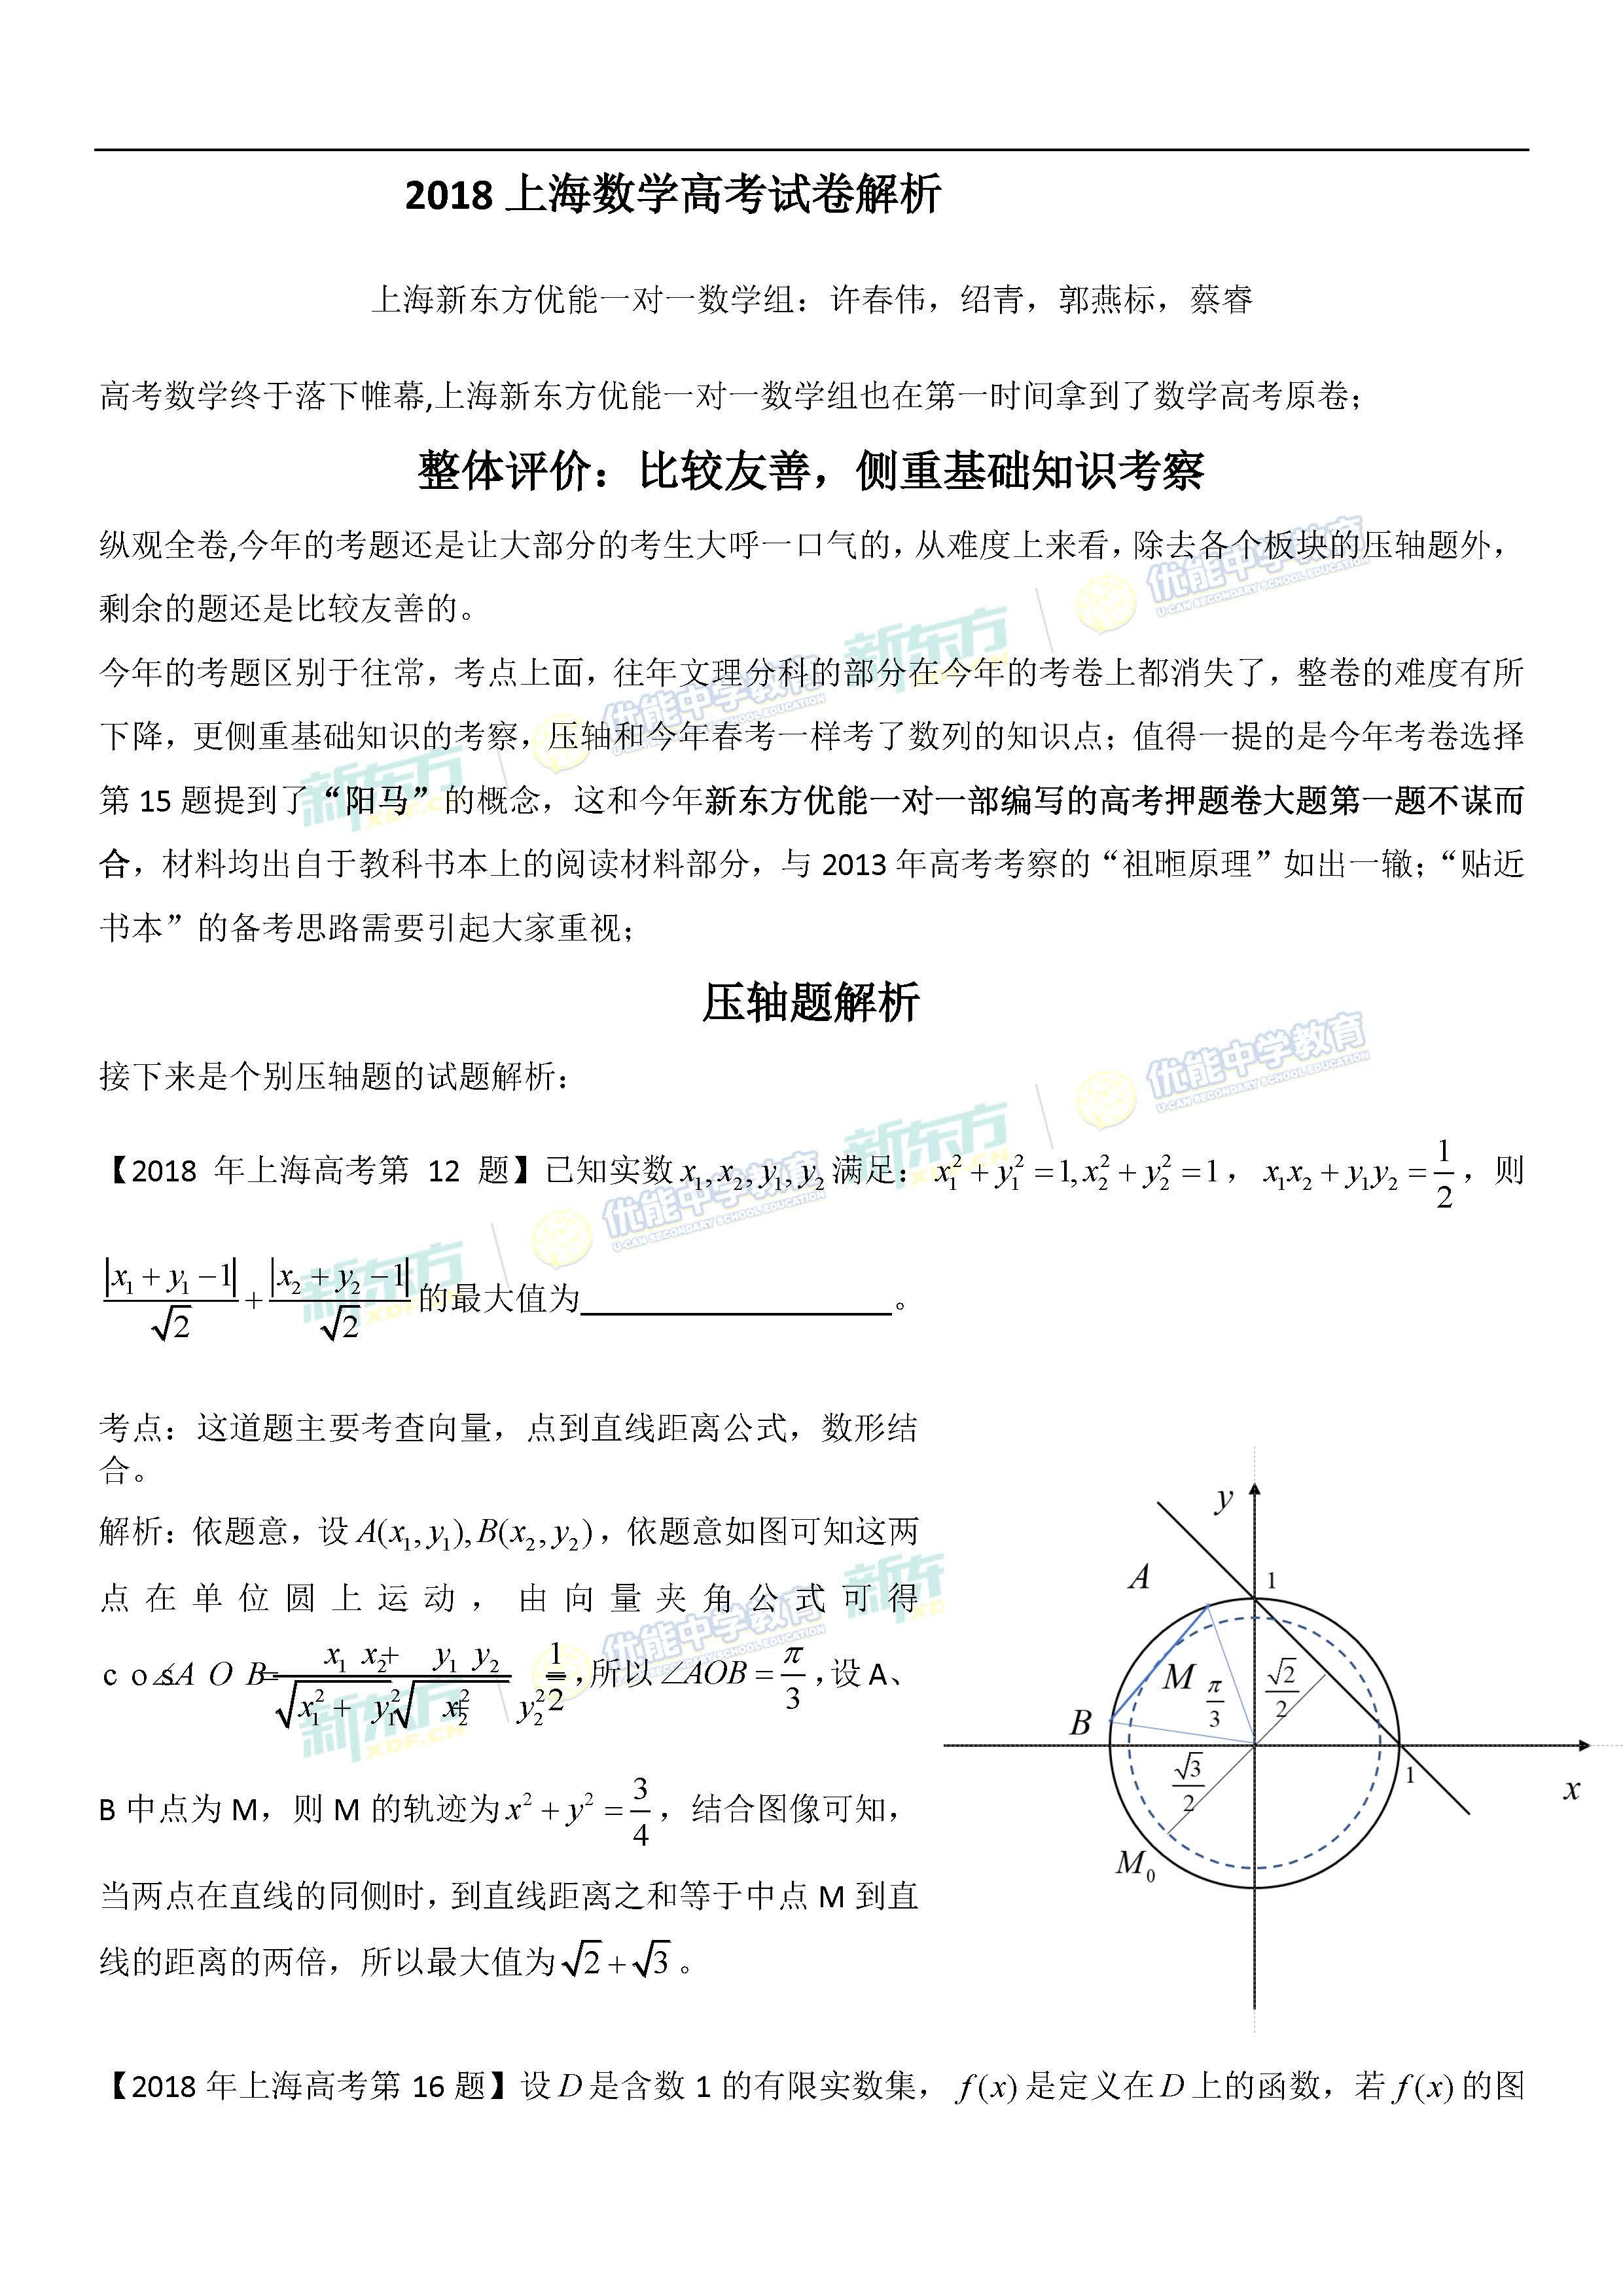 2018上海高考数学试卷点评(上海新东方)